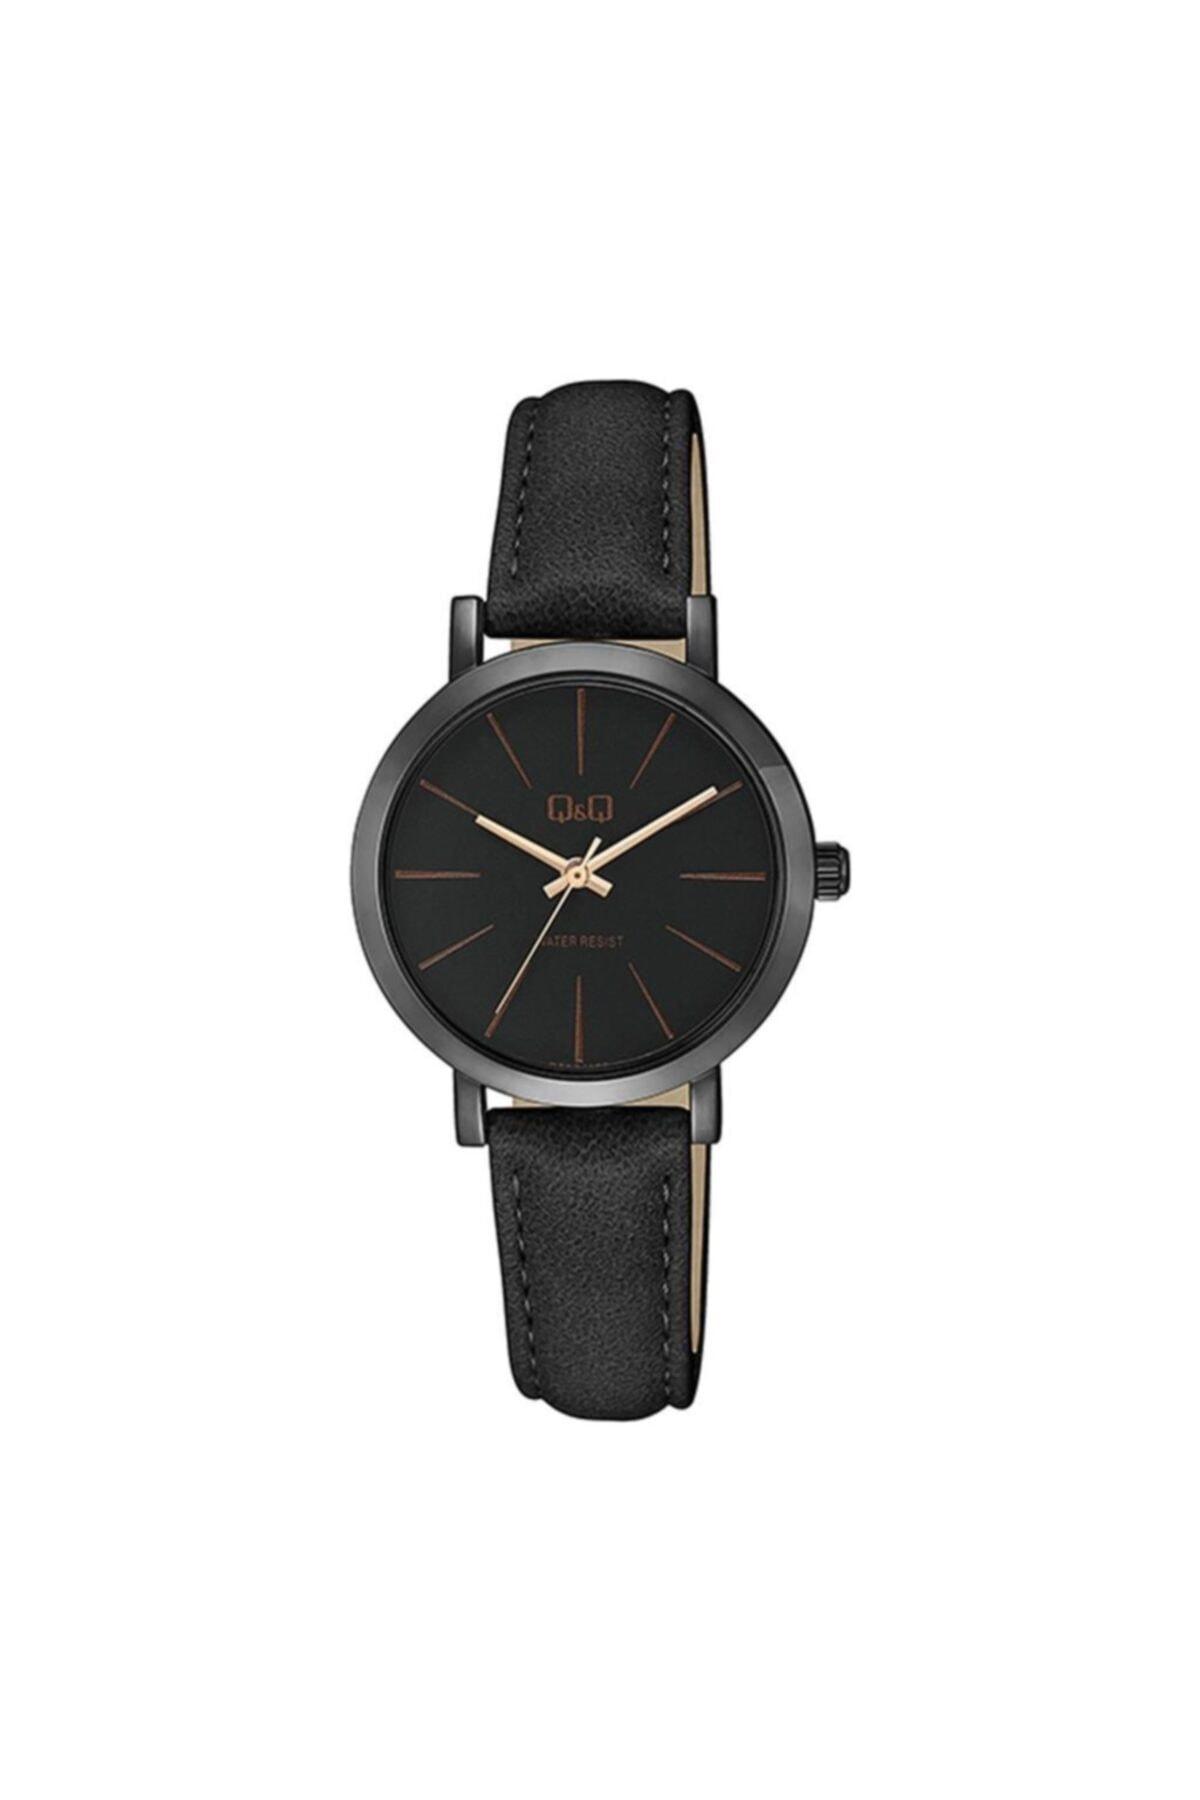 خرید پستی ساعت زنانه  2021 برند Q&Q رنگ مشکی کد ty57610941